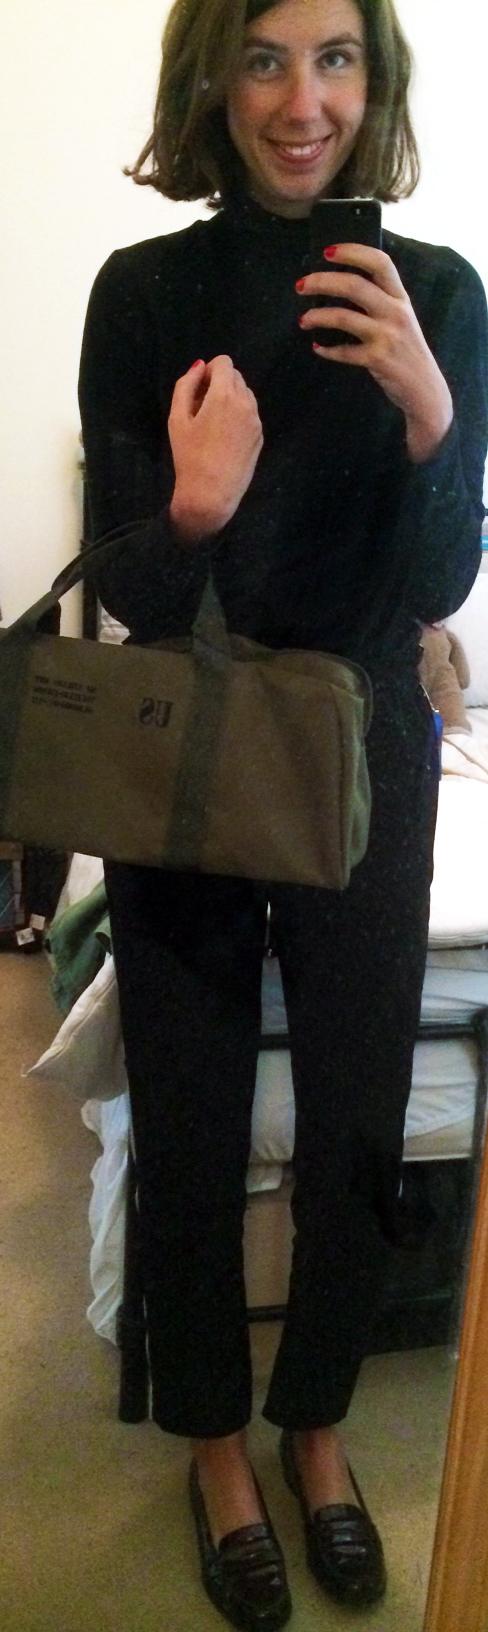 Cropped Black Pants ,  L.K.Bennett Loafers ,  Army Holdall Bag , $2 Black Turtleneck